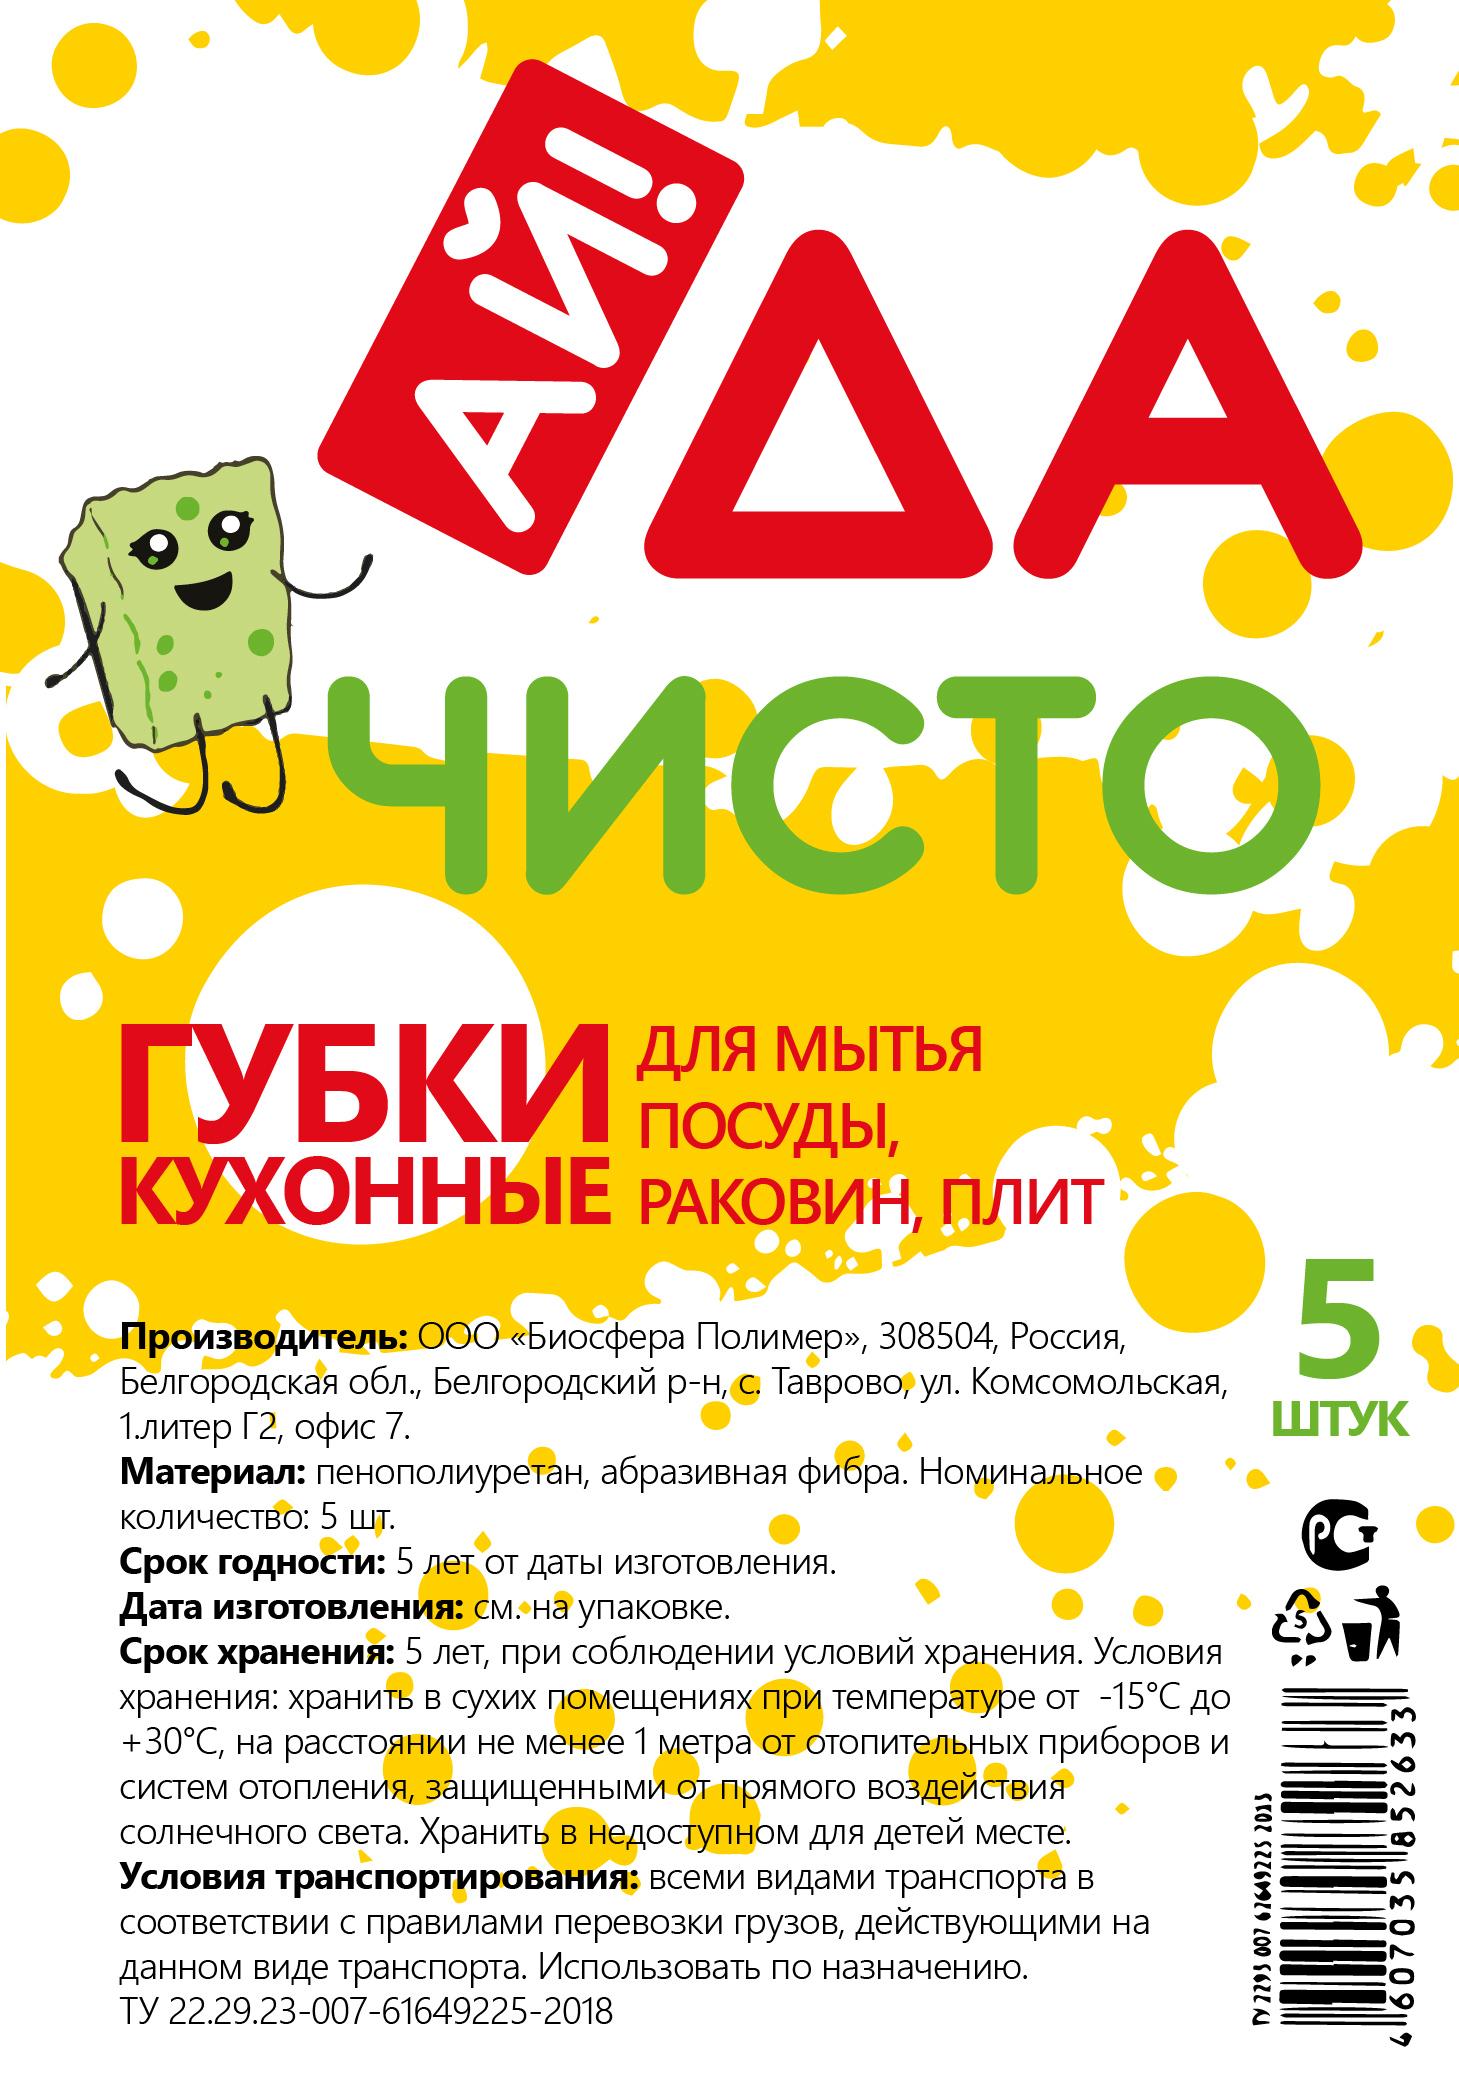 Дизайн логотипа и упаковки СТМ фото f_7505c5dc382194e4.jpg